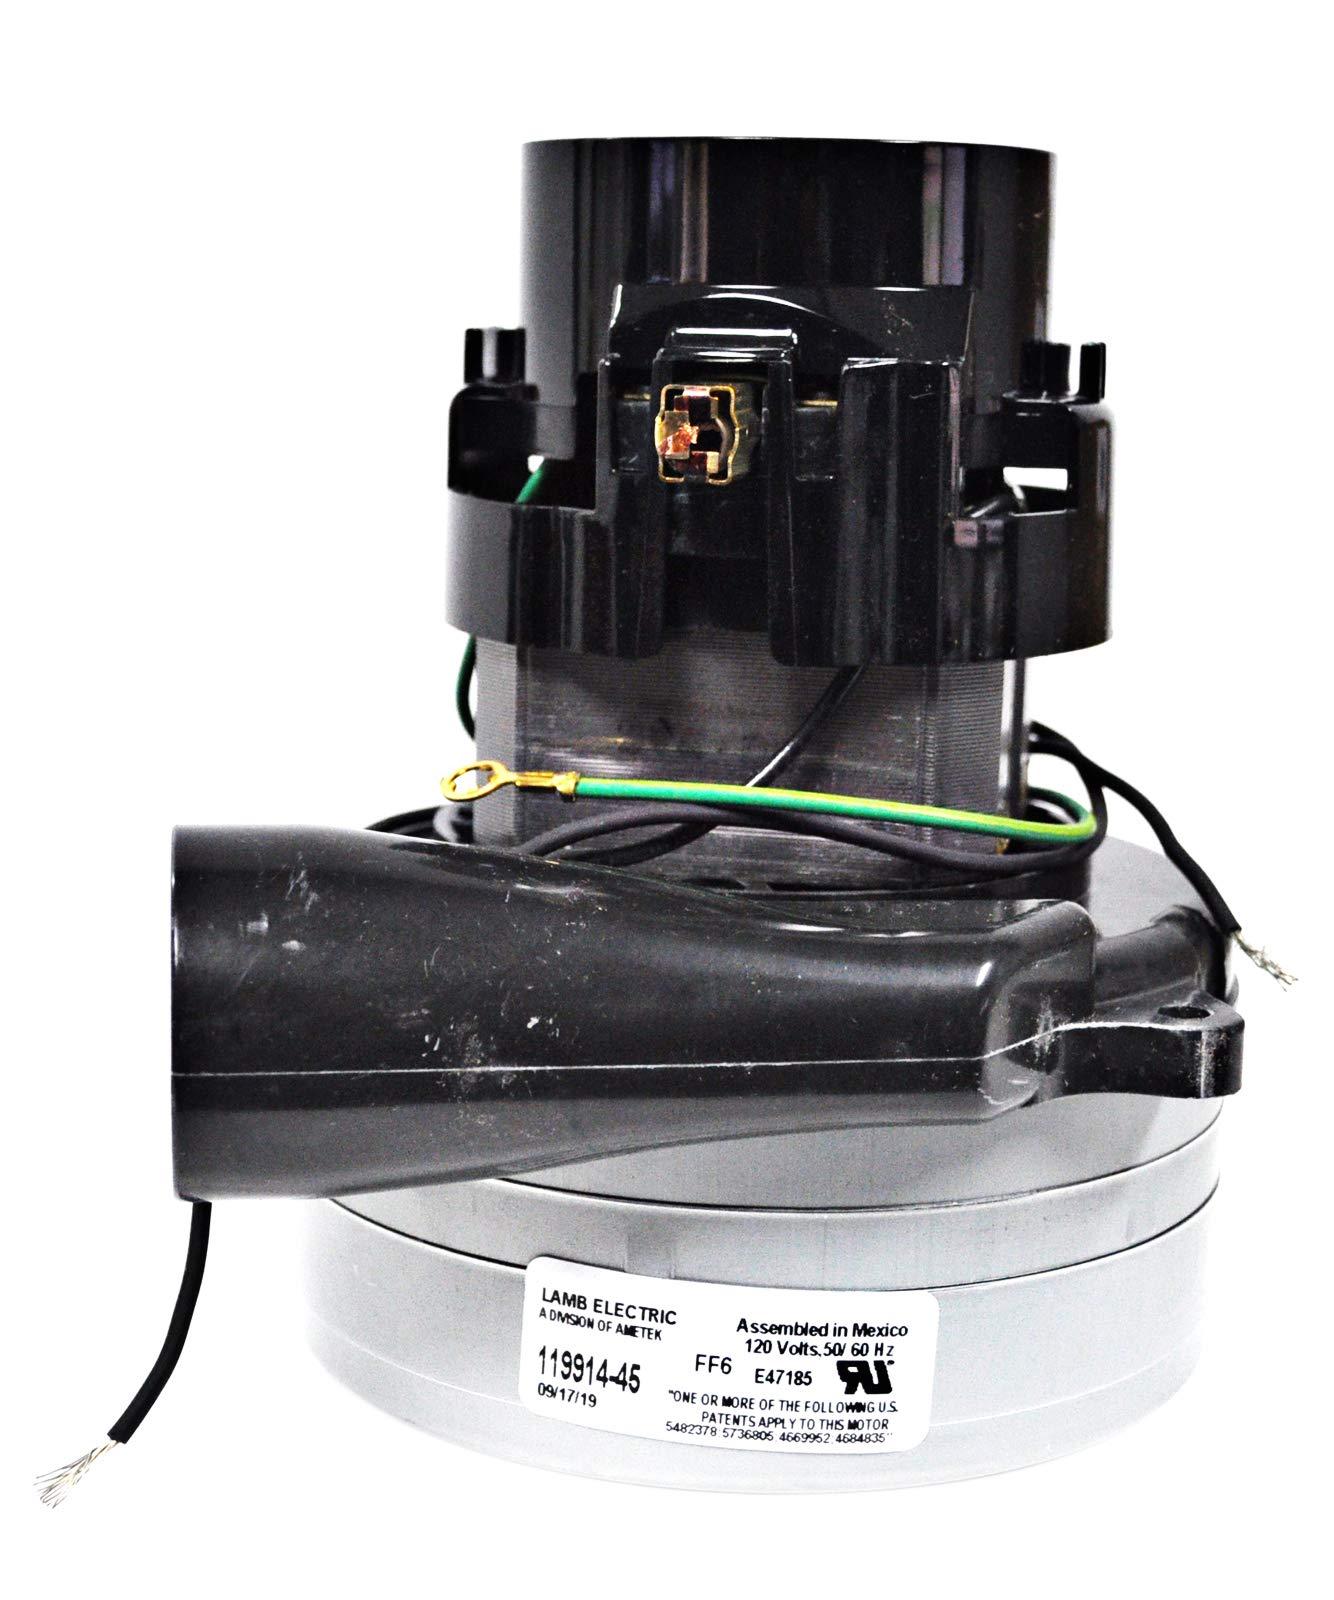 Ametek Lamb 5.7 Inch 2 Stage 120 Volt Tangential Bypass Acustek Vacuum Motor 119914-45 by Ametek